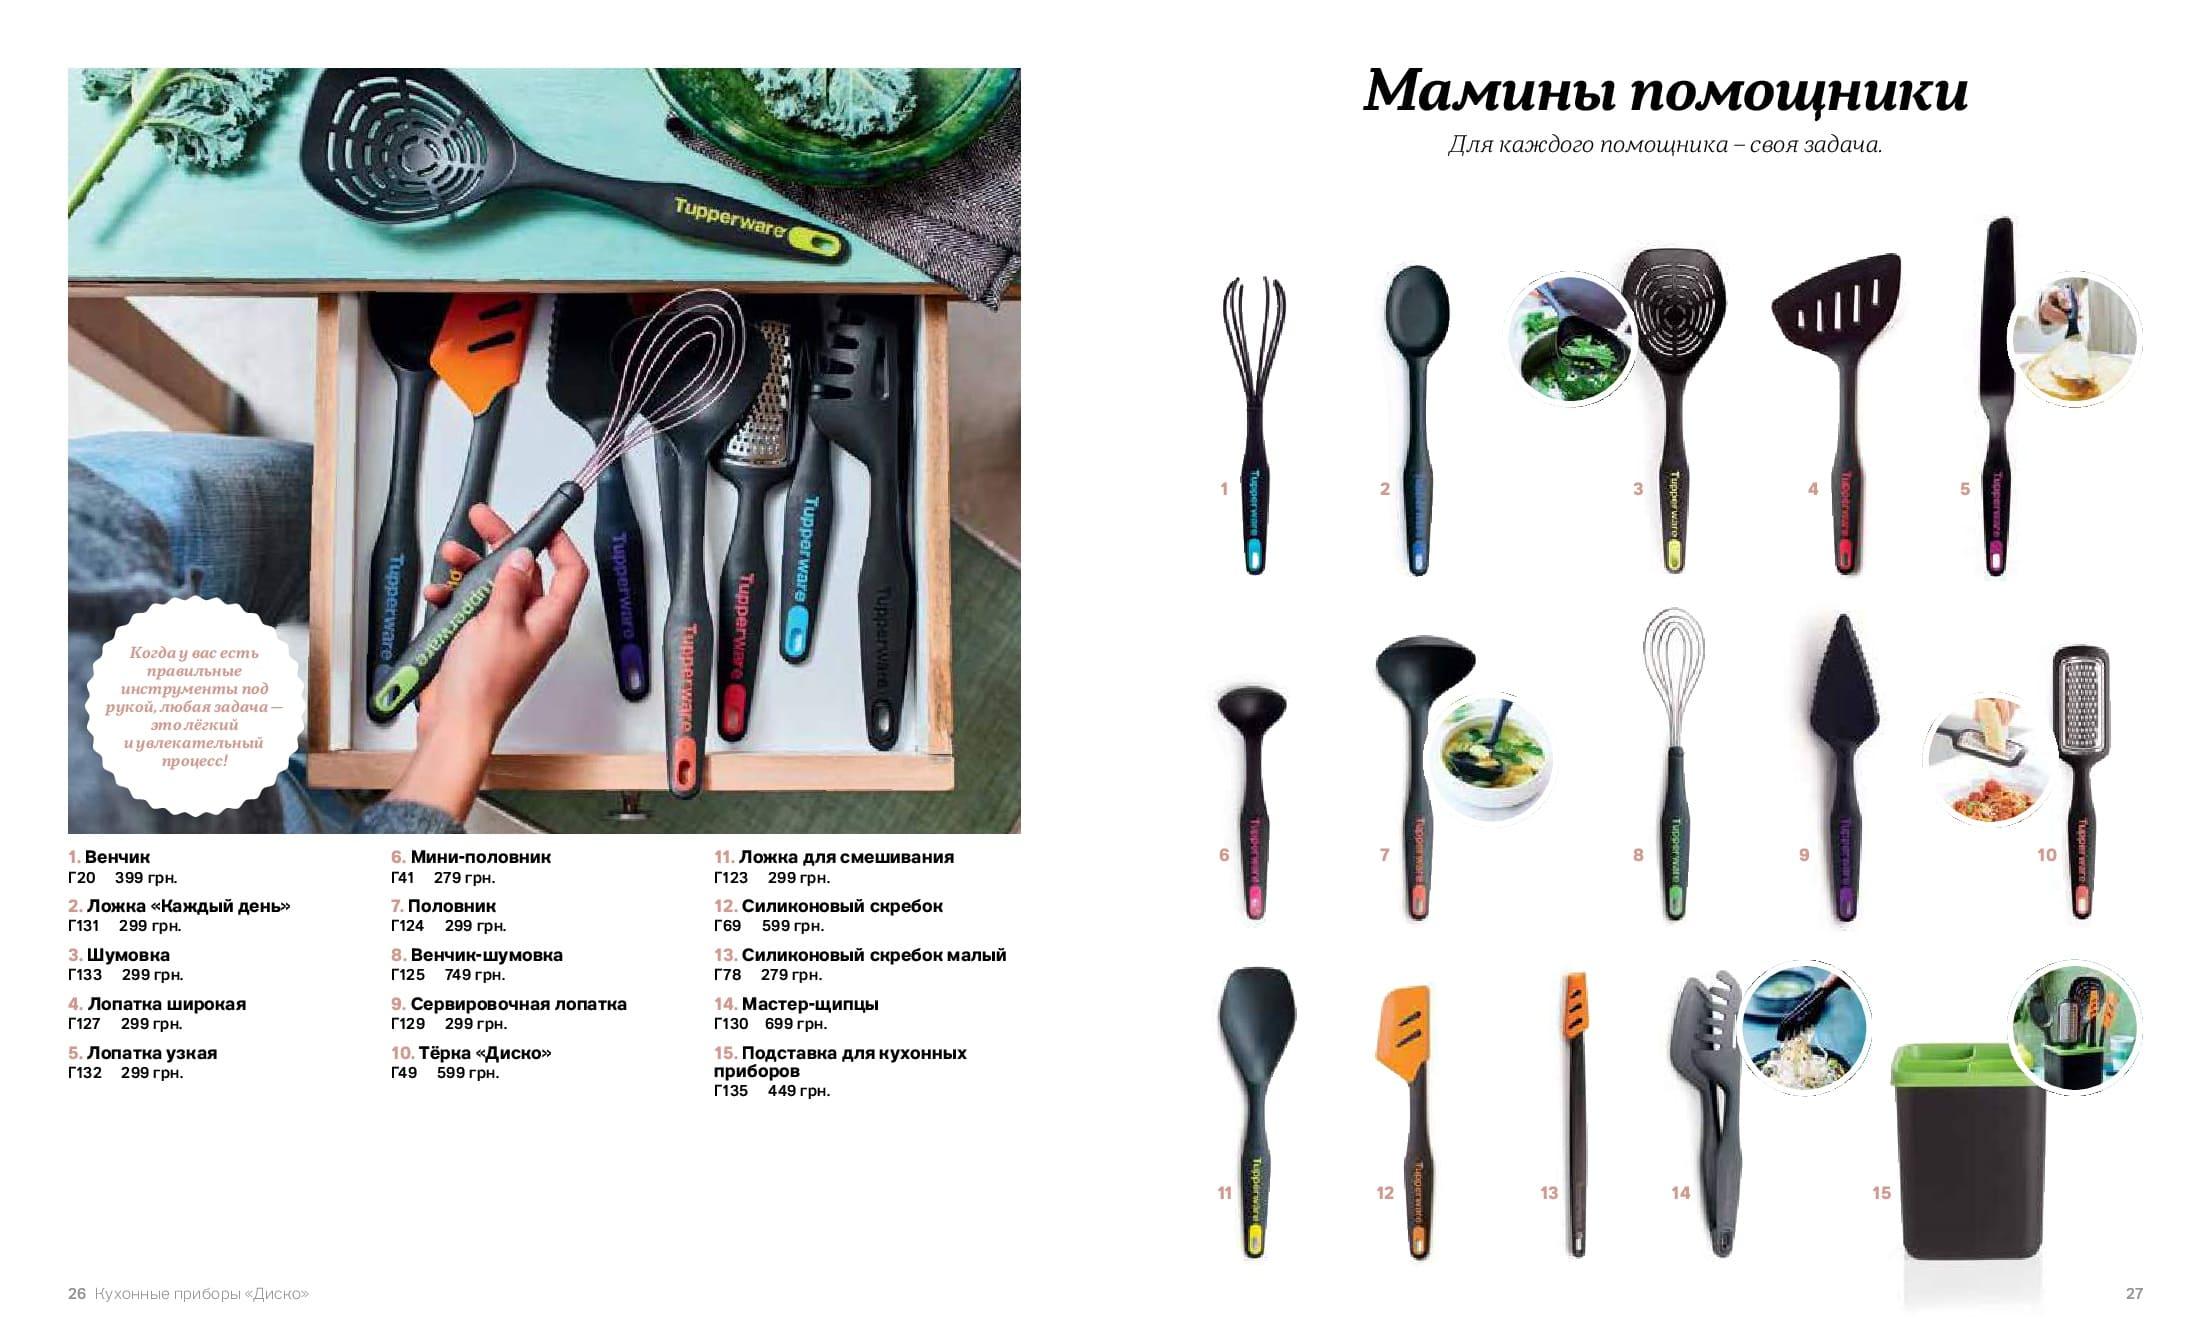 Готовить с кухонными приборами Tupperware гораздо легче, быстрее, безопаснее и веселее! Эргономичная форма, термостойкий материал, стильный дизайн и высокое качество изделий будут радовать Вас каждый день!